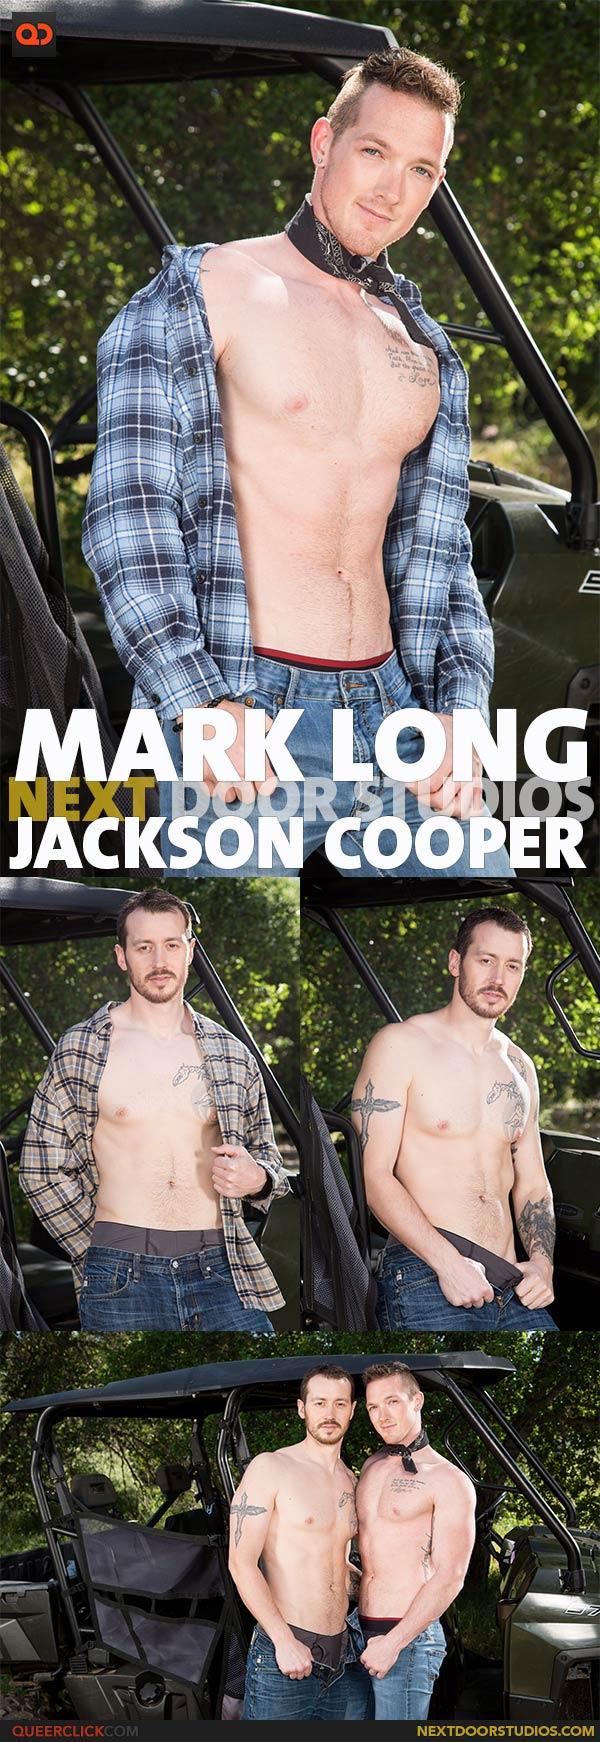 Next Door Studios:  Mark Long and Jackson Cooper